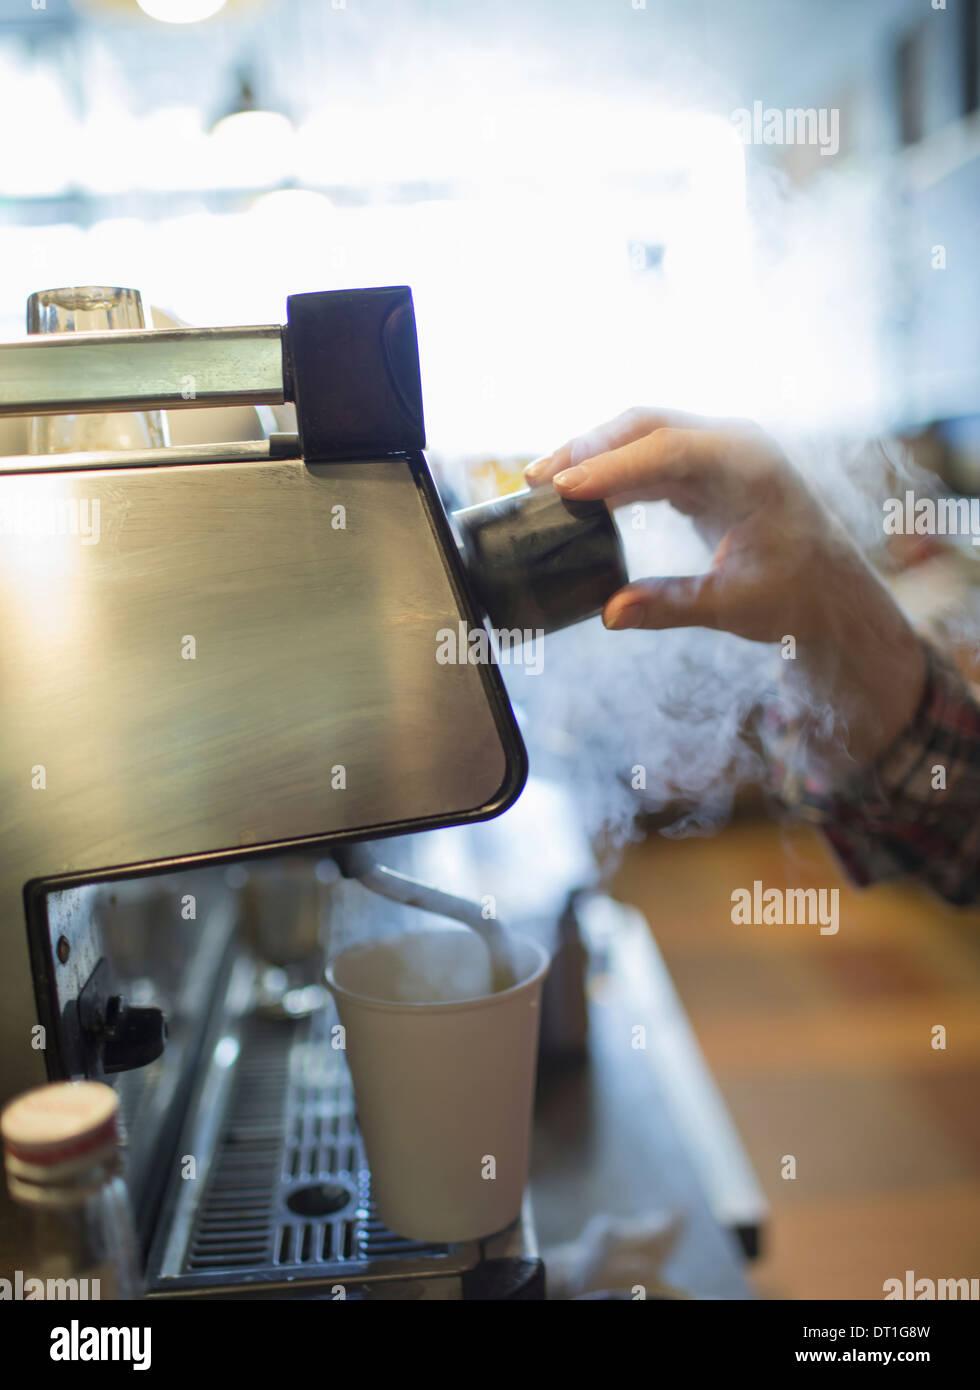 Eine Person Barista Kaffee kochen und Aufschäumen von Milch mit einem Dampf-Rohr-Coffee-shop Stockbild